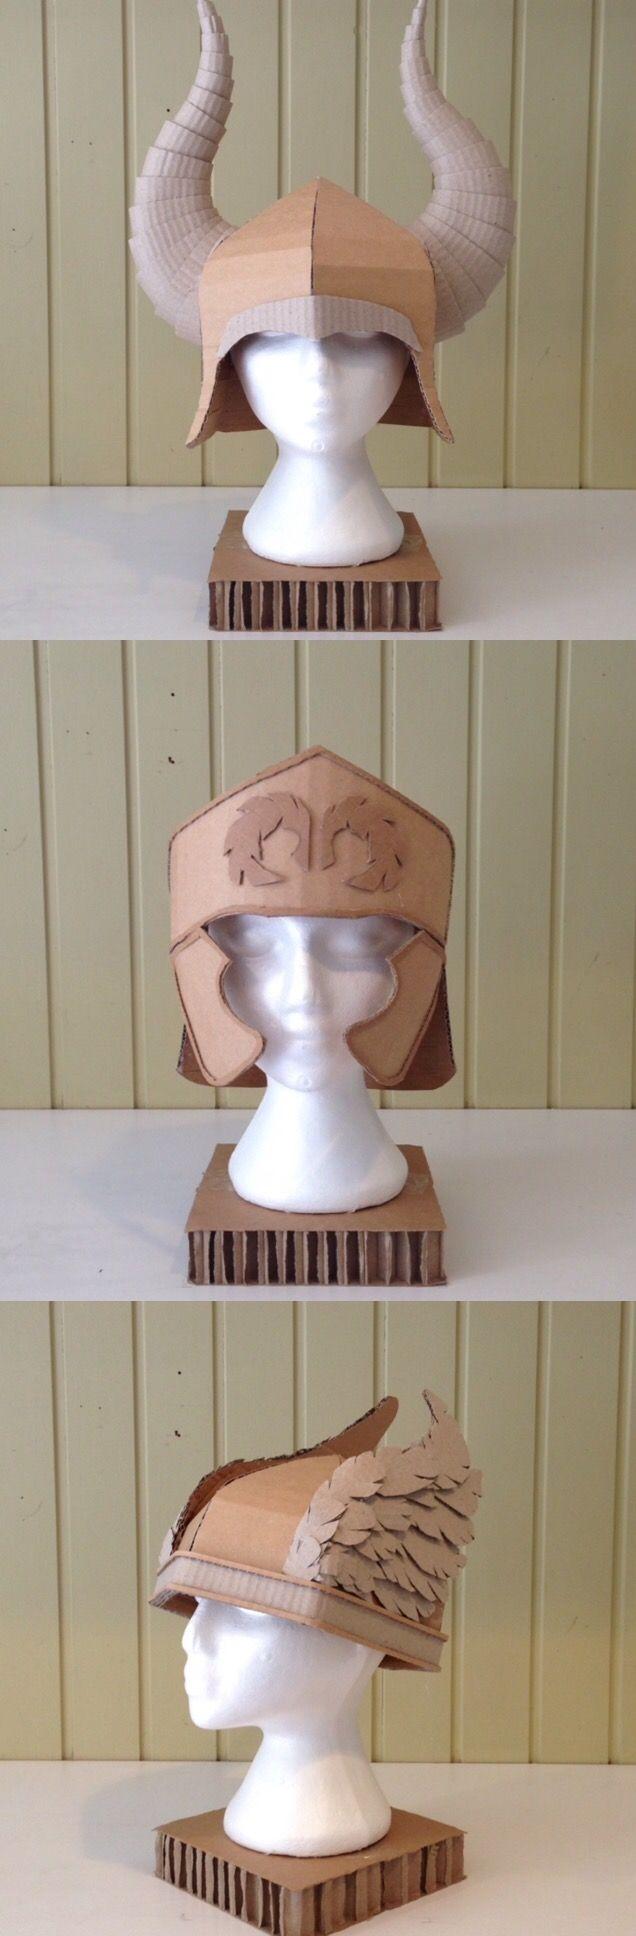 Cardboard Helmets by Zygote Brown Designs| Viking Helmet | Roman Helmet